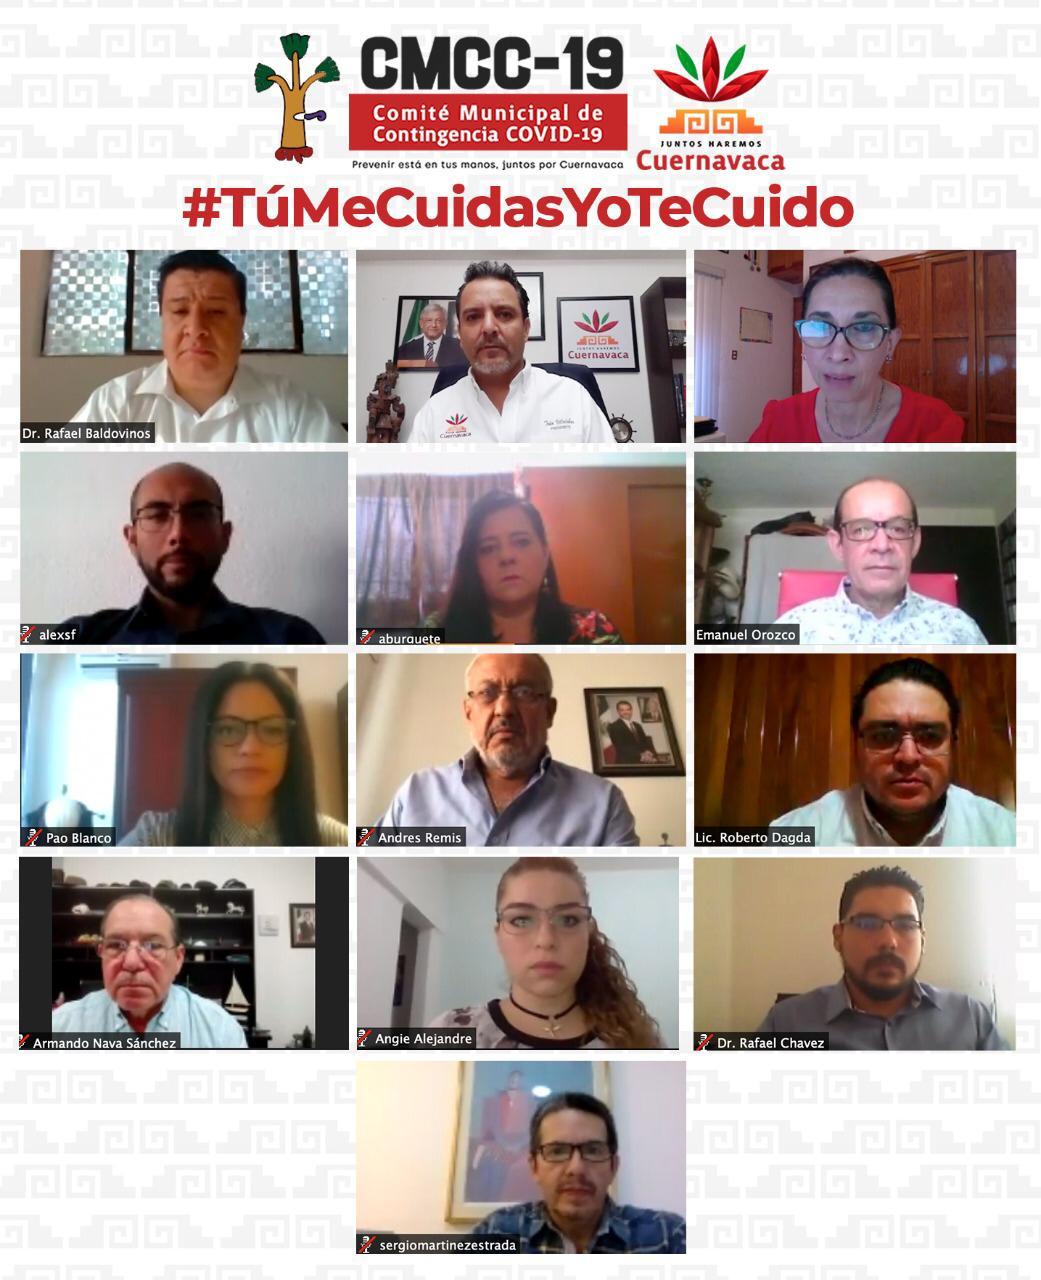 Llaman a ciudadanos de Cuernavaca a no bajar la guardia; la ciudad sigue en semáforo rojo